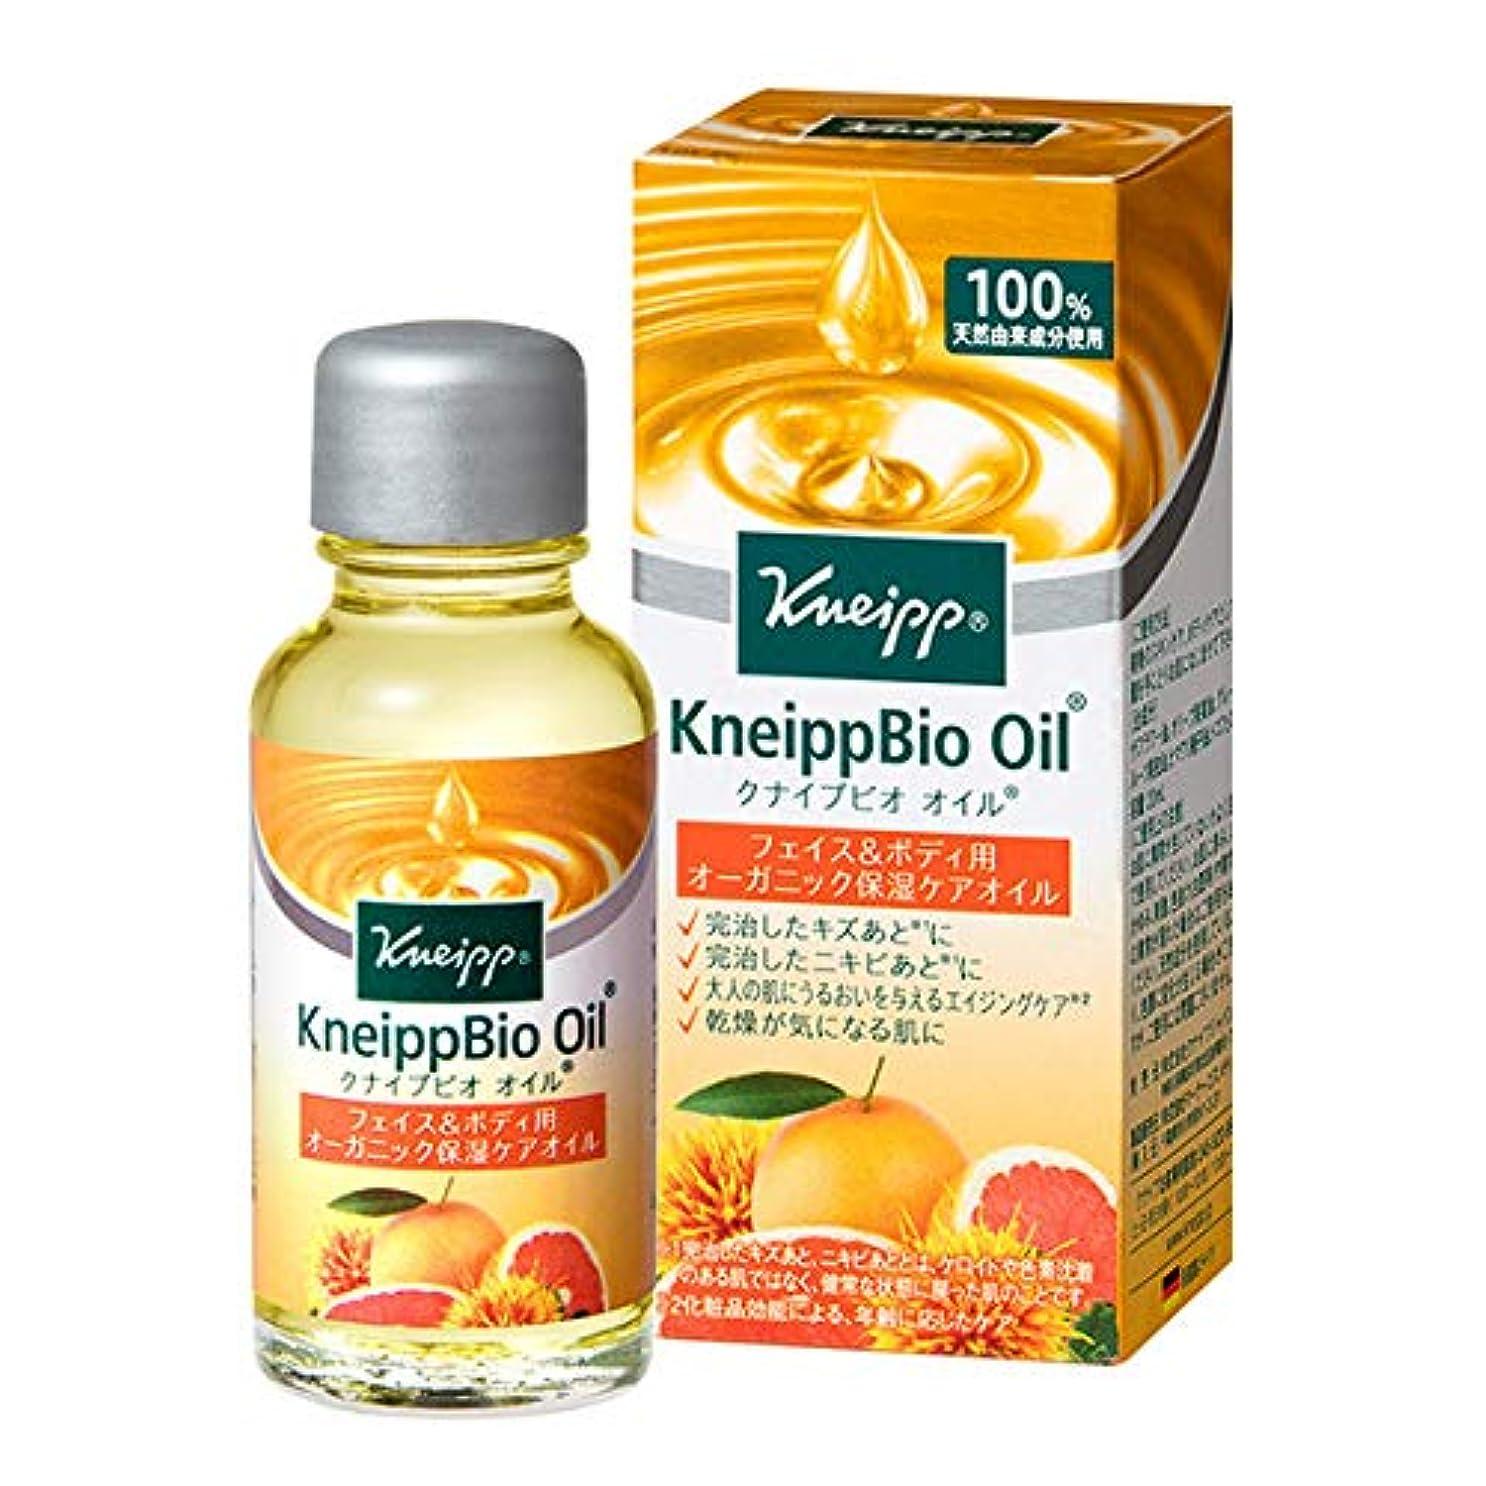 印をつけるラグ代数的クナイプ(Kneipp) クナイプビオ オイル20mL 美容液